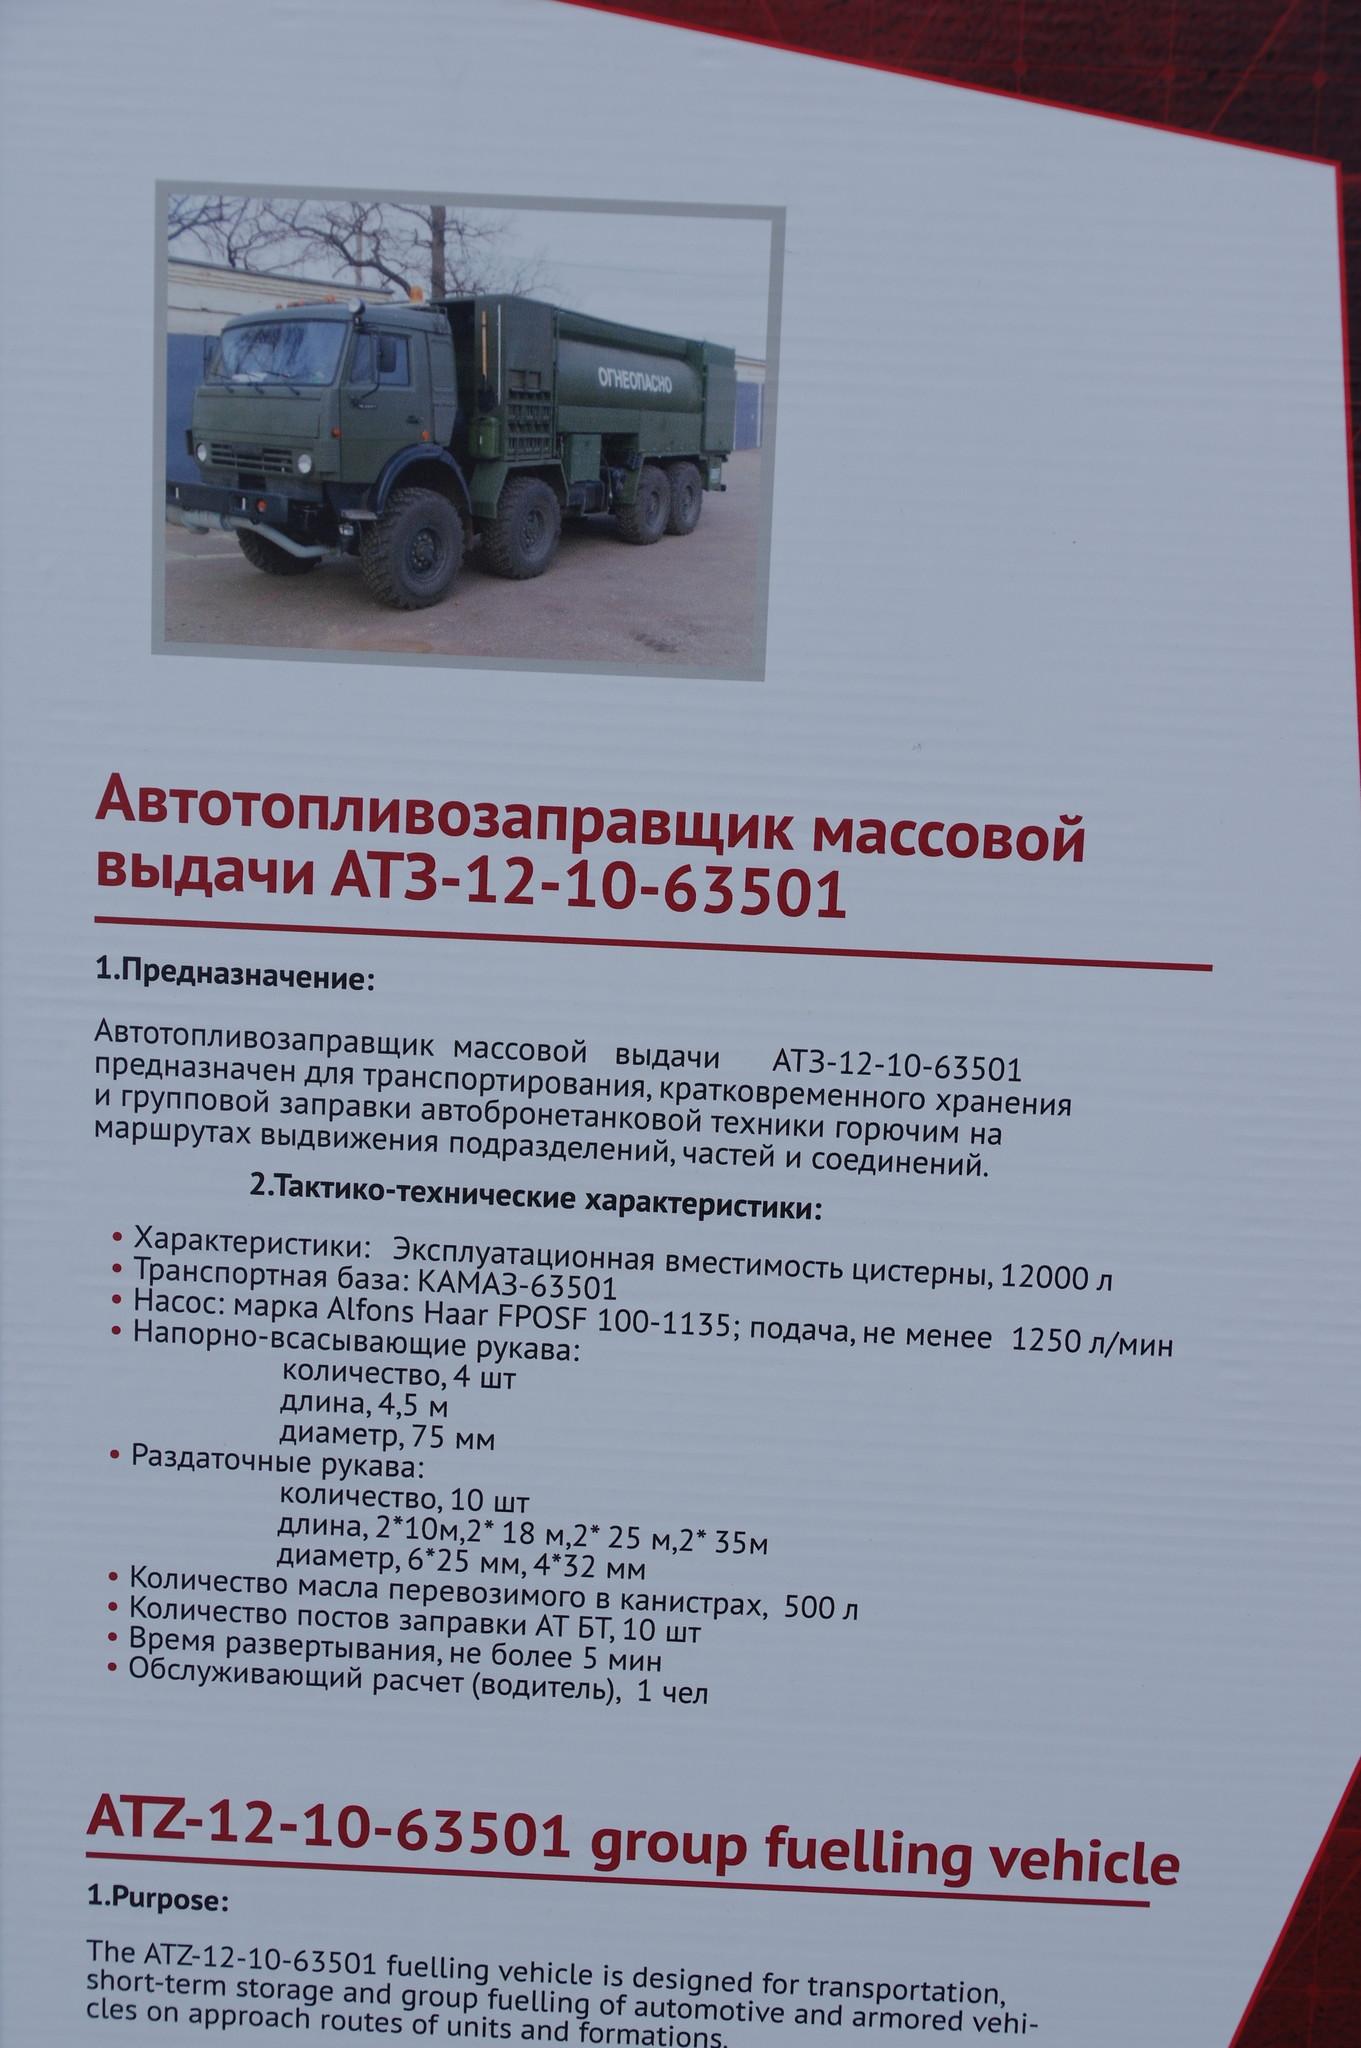 Автотопливозаправщик массовой выдачи АТЗ-12-10-63501